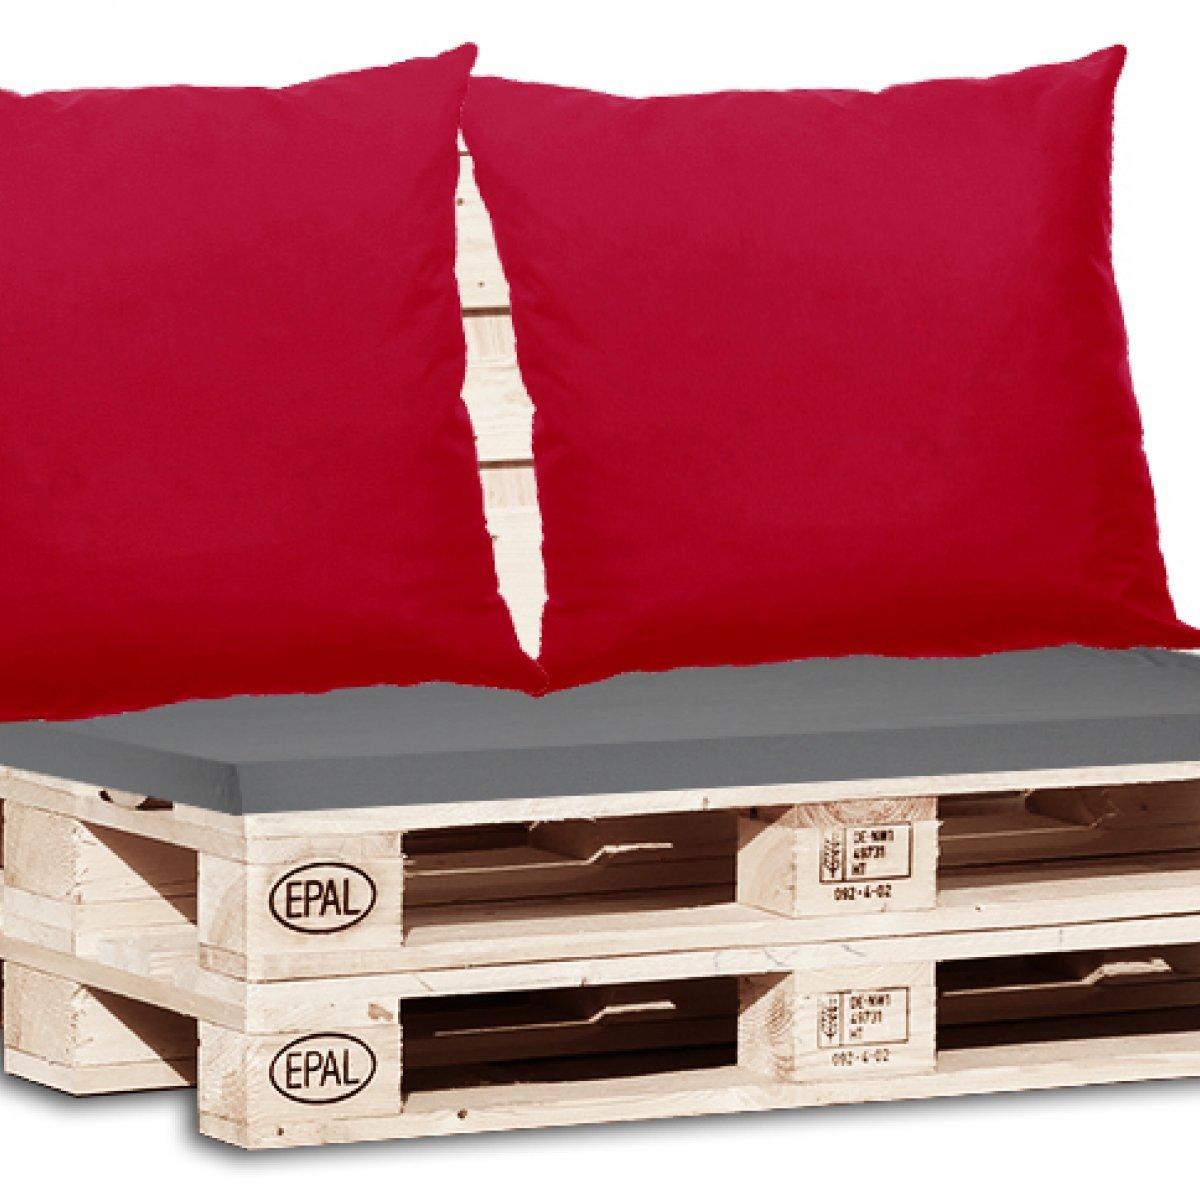 Μαξιλάρια για παλέτες - Μαξιλάρια για Ευρωπαλέτες | Mymegamarket.gr